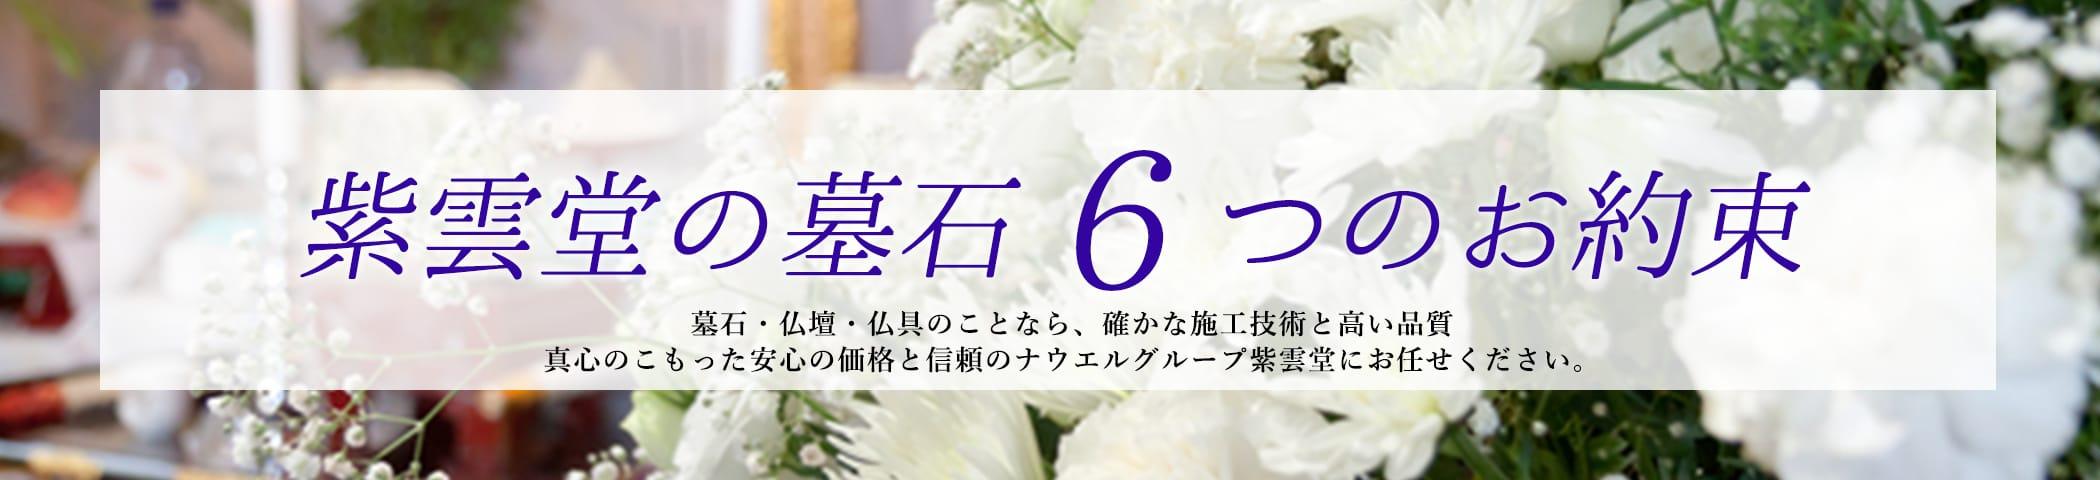 紫雲堂の墓石 6つのお約束 墓石・仏壇・仏具のことなら、確かな施工技術と高い品質 真心のこもった安心の価格と信頼のナウエルグループ紫雲堂にお任せください。